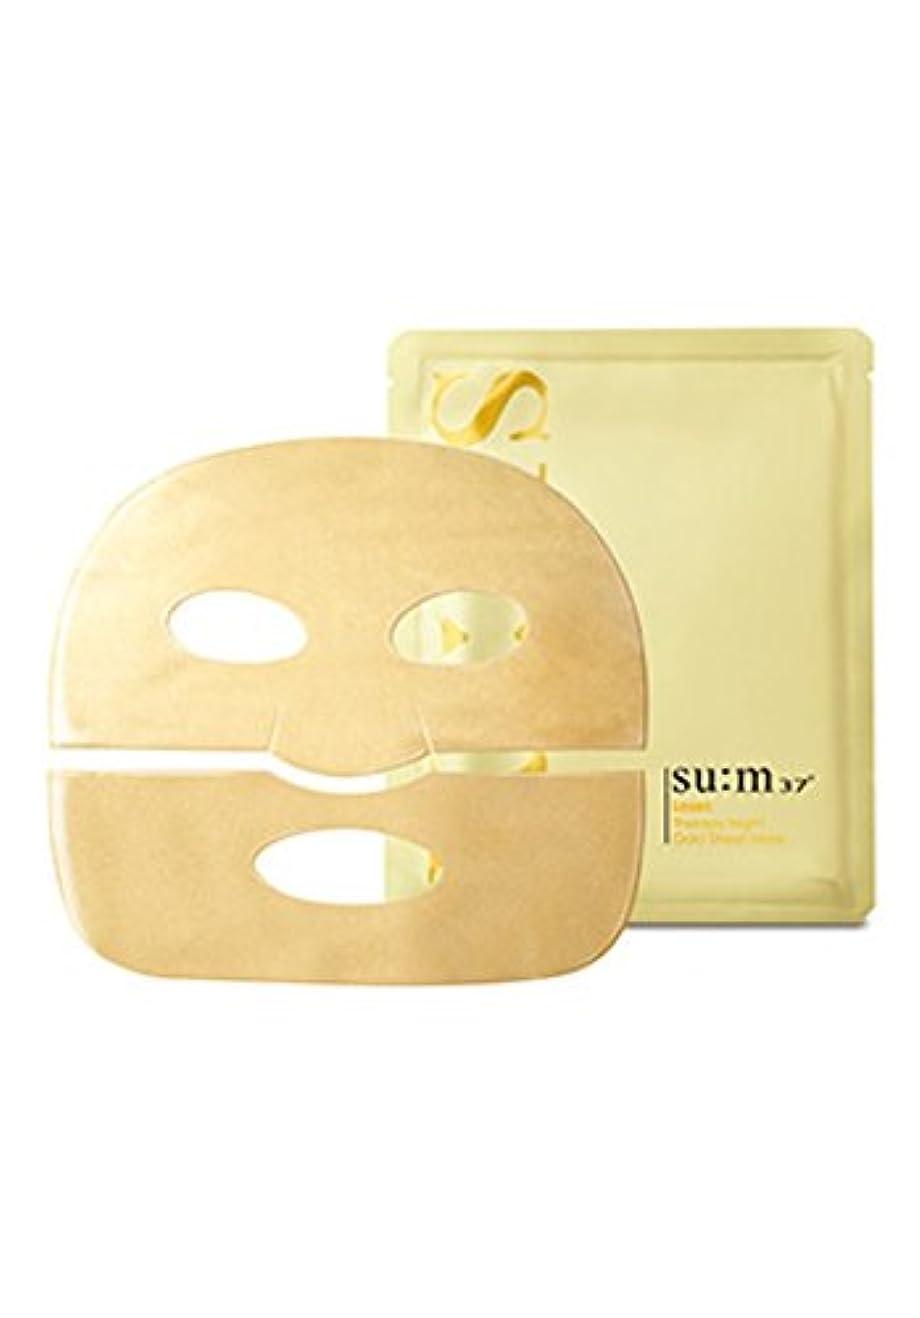 預言者洗剤同僚su:m37° Losec Therapy Night Gold Sheet Mask 7Sheets/スム37° ロセック セラピー ナイト ゴールド シートマスク 7枚